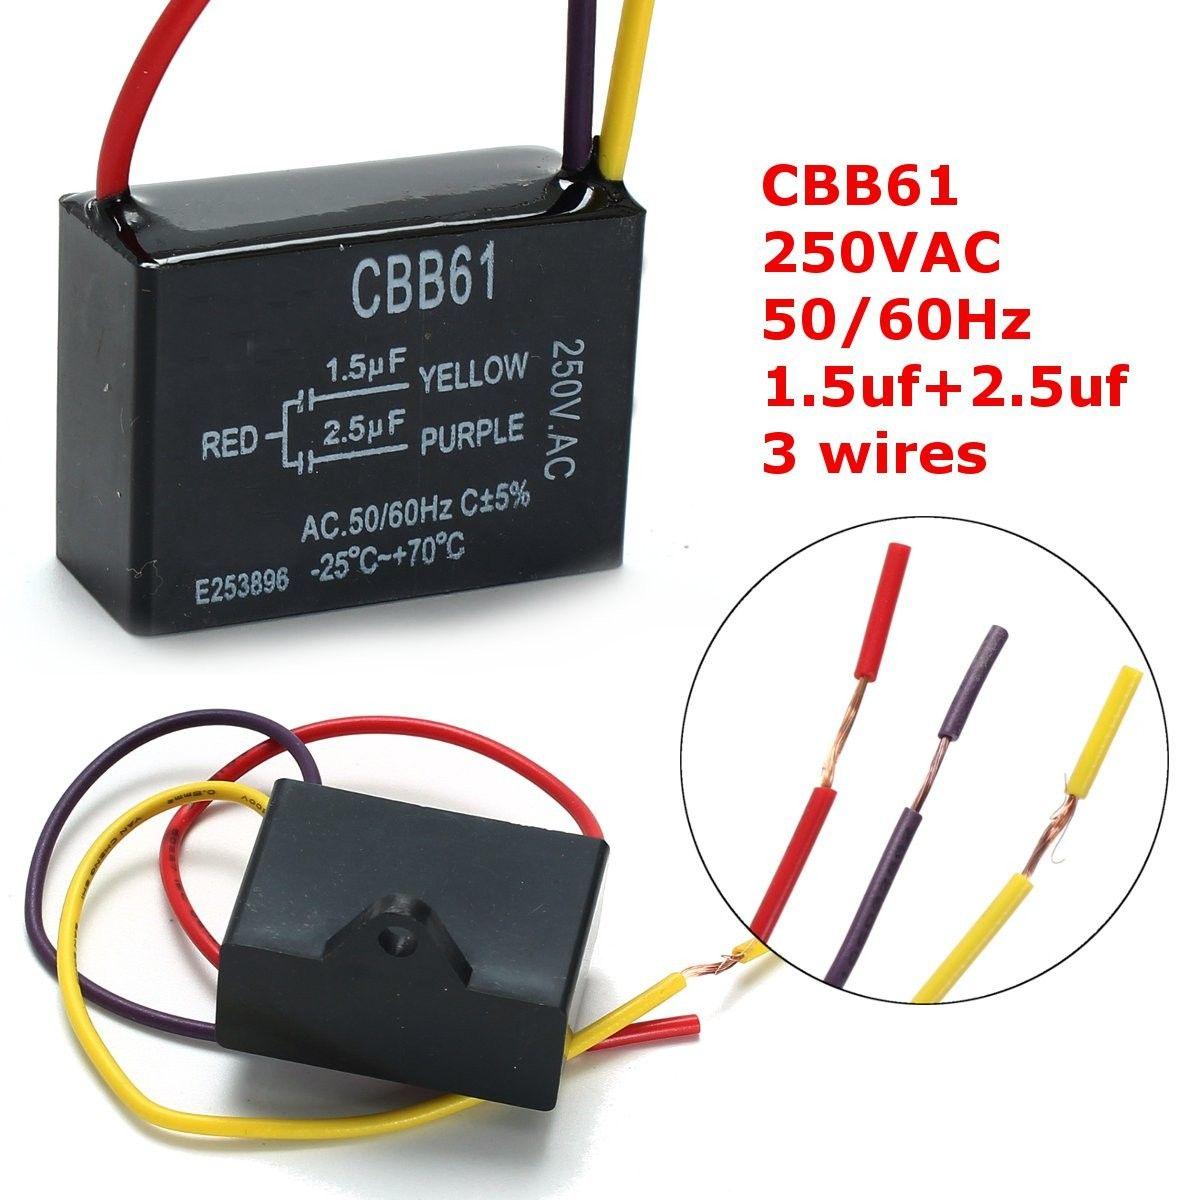 1 Pc Noir Fan Condensateur Cbb61 1 5 Uf 2 5 Uf 3 Fils Ac 250 V 50 60hz Condensateur Pour Ventilateur De Plafond Electronic Products Walkman Components